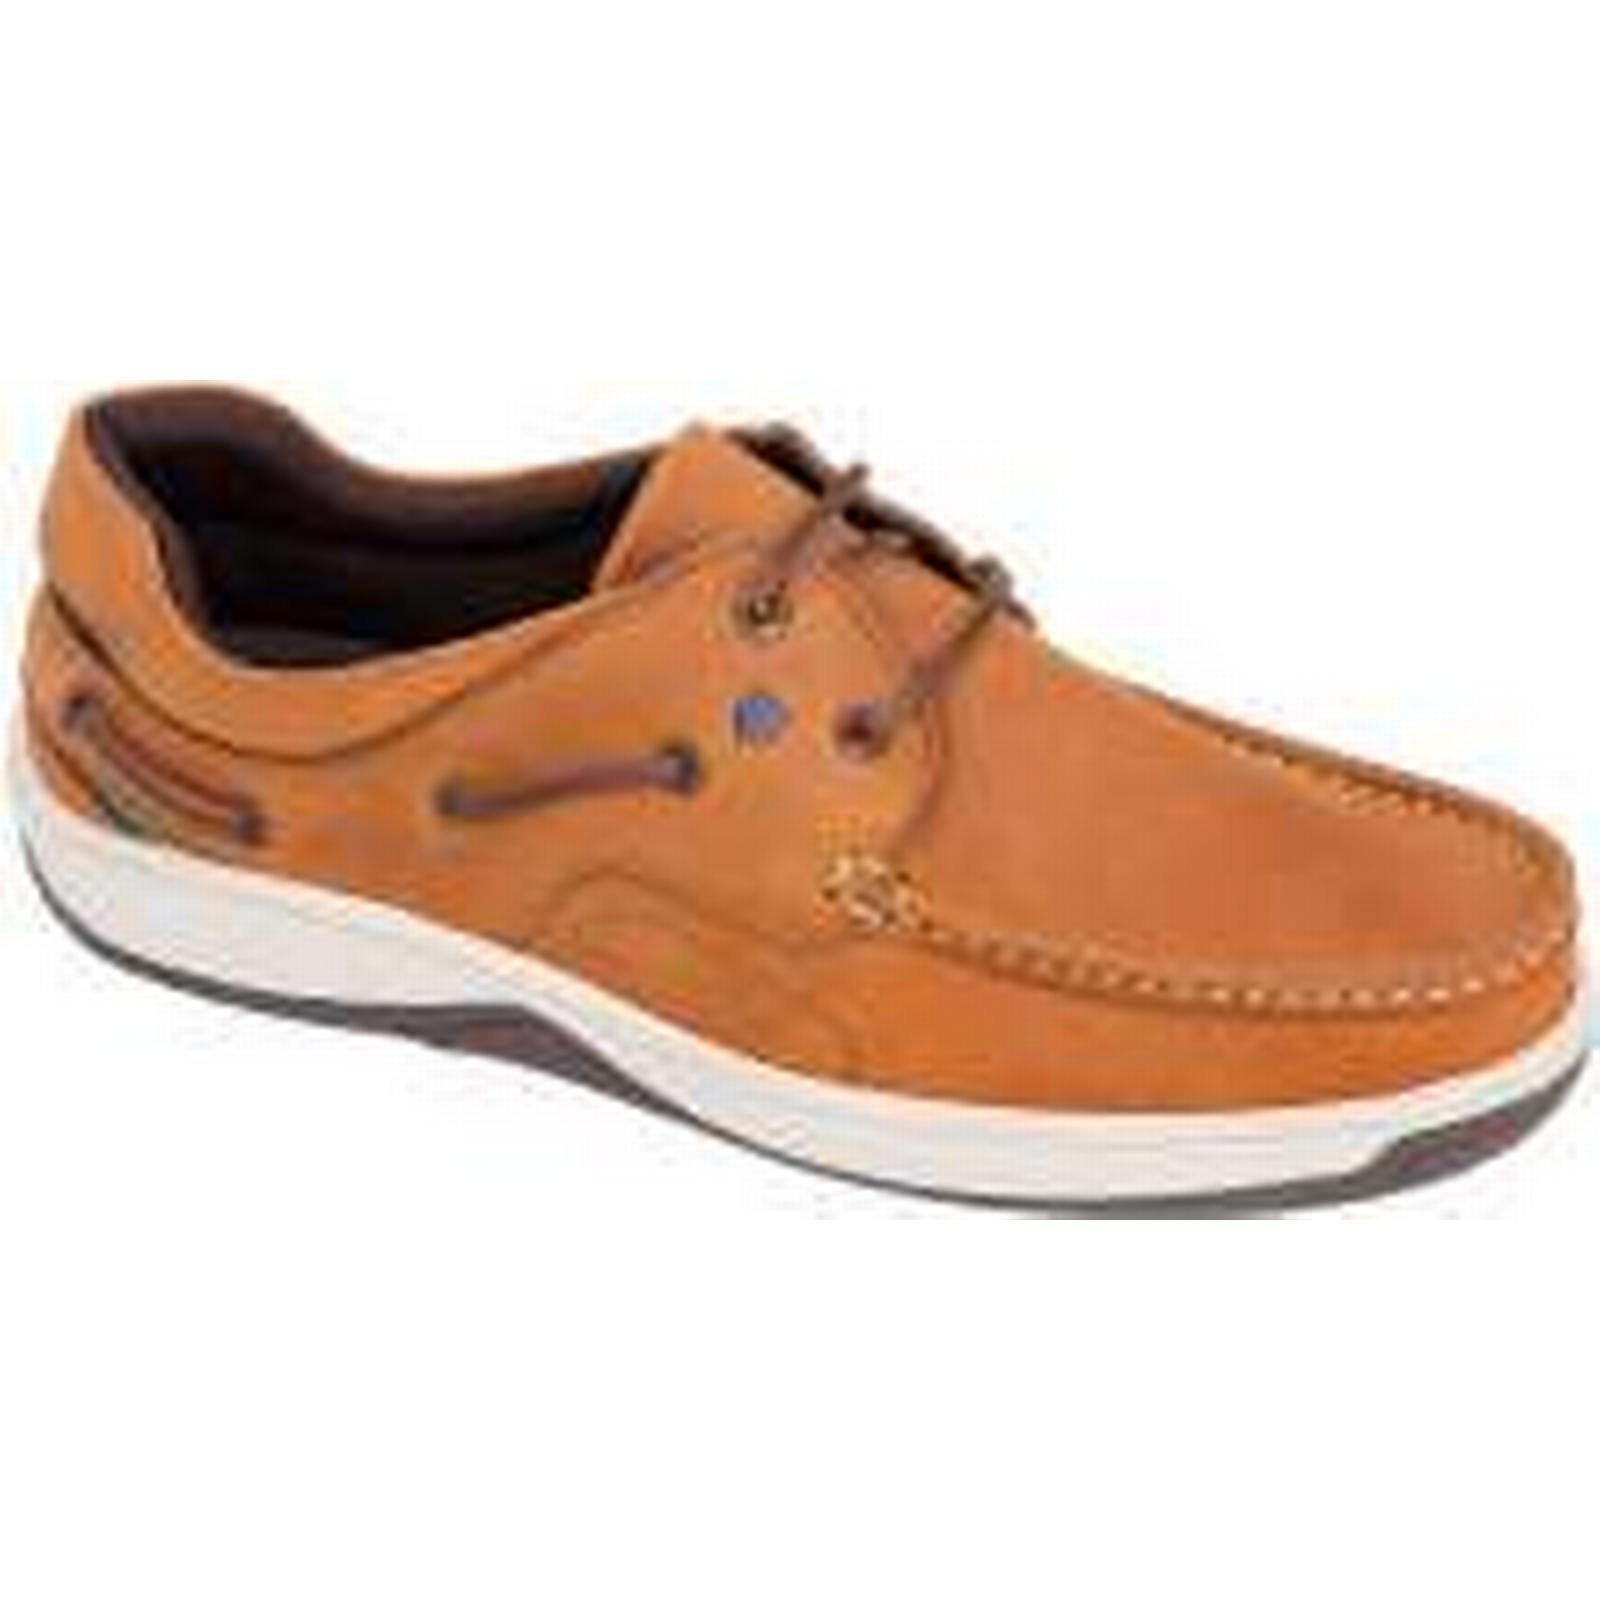 Dubarry UK11 Navigator Deck Shoes, Whiskey, UK11 Dubarry 213794